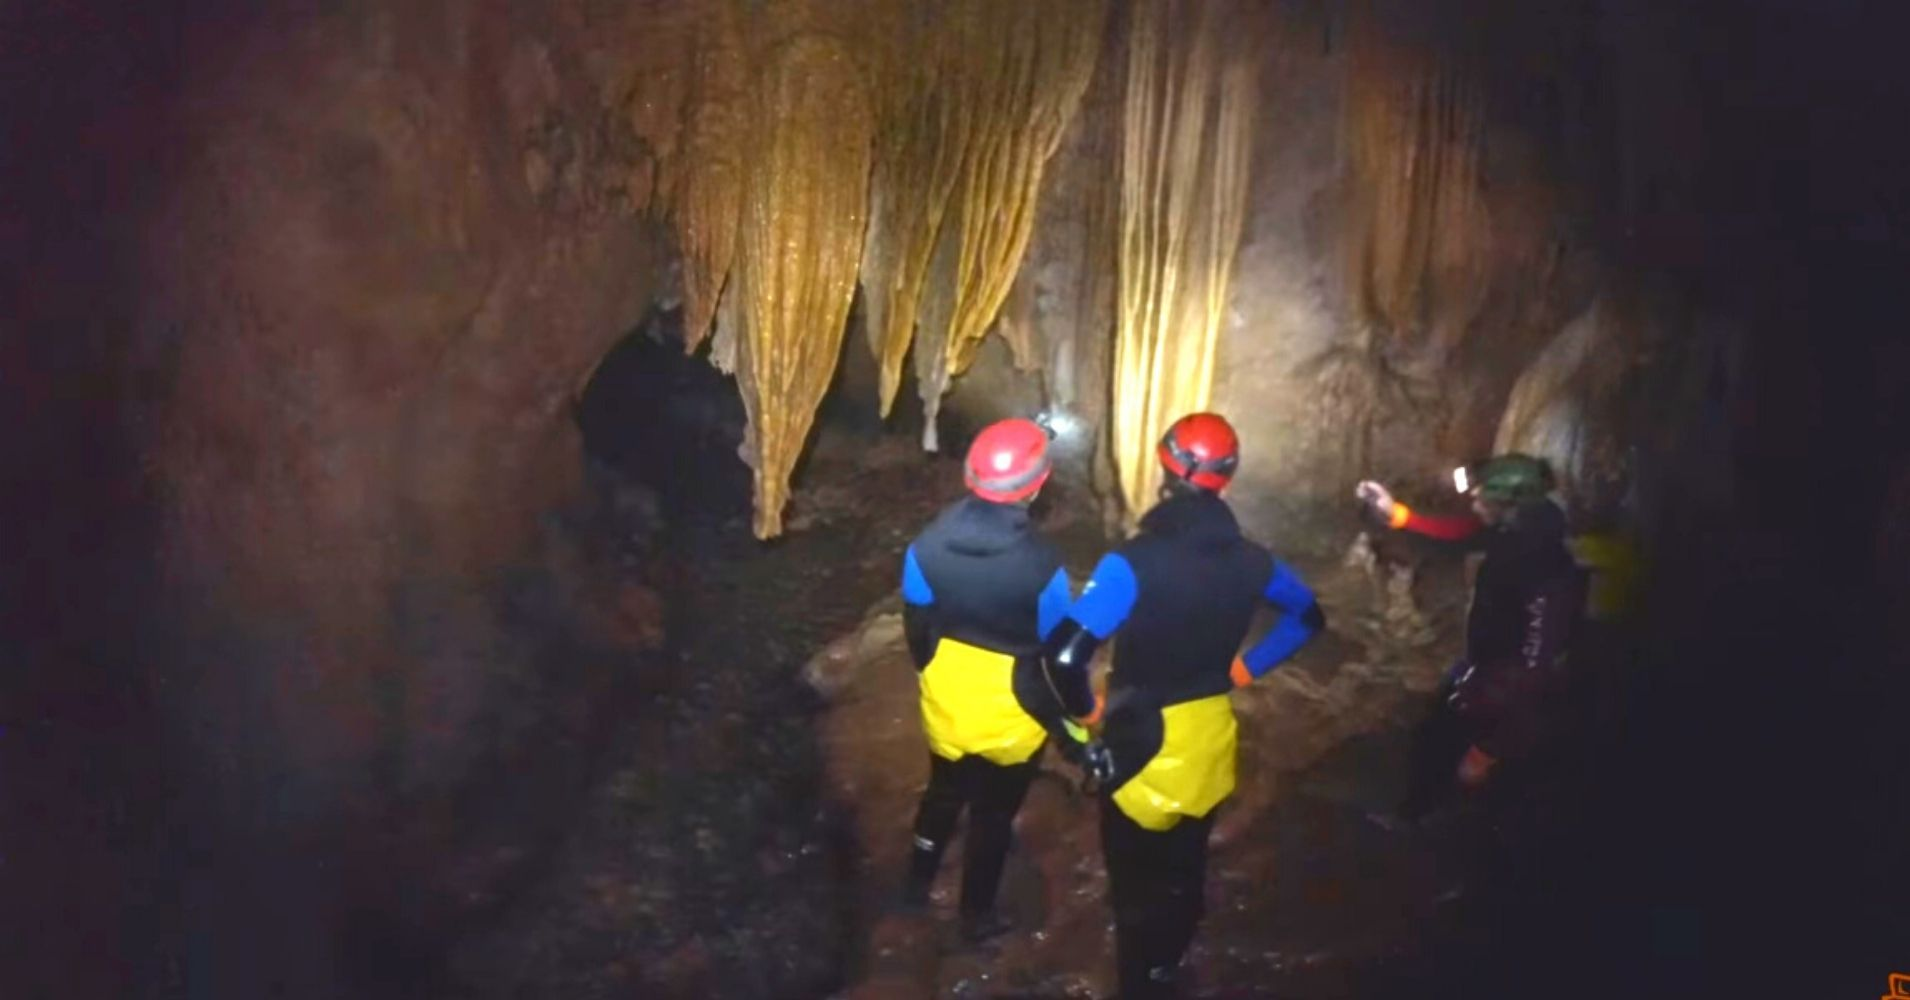 Estalactitas en el Curso de Aguas. Espeleobarranquismo Cueva de Valporquero. Vegacervera. León. Castilla y León.